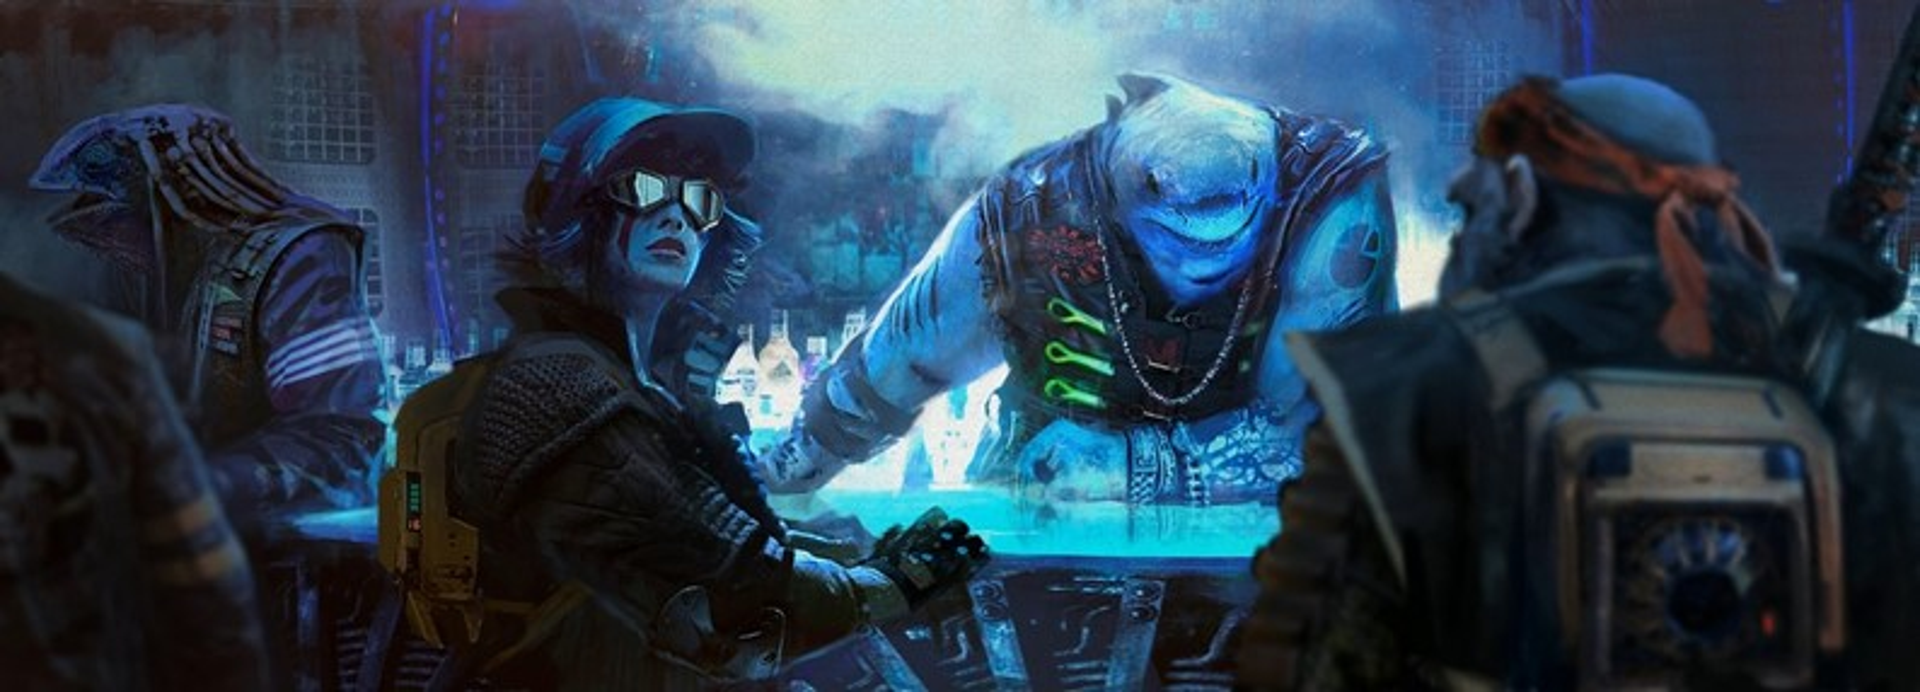 Beyond Good & Evil 2 revela imagens conceituais e temas de seu universo